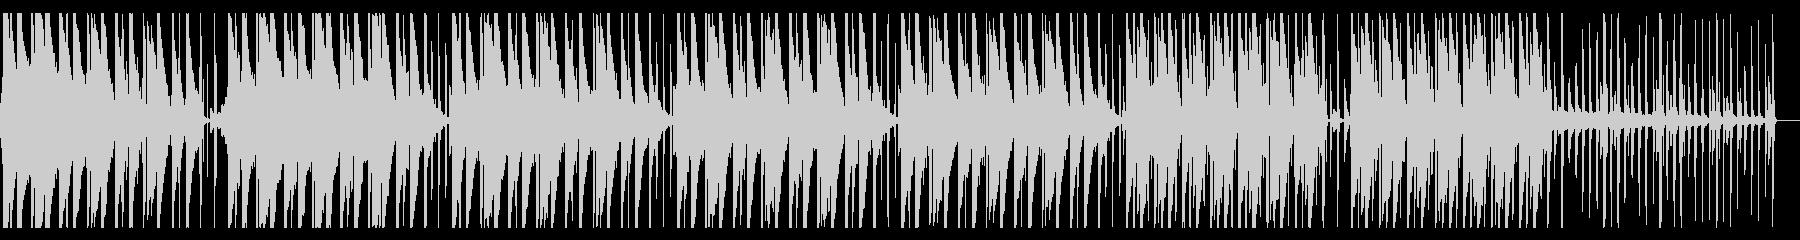 texture2の未再生の波形